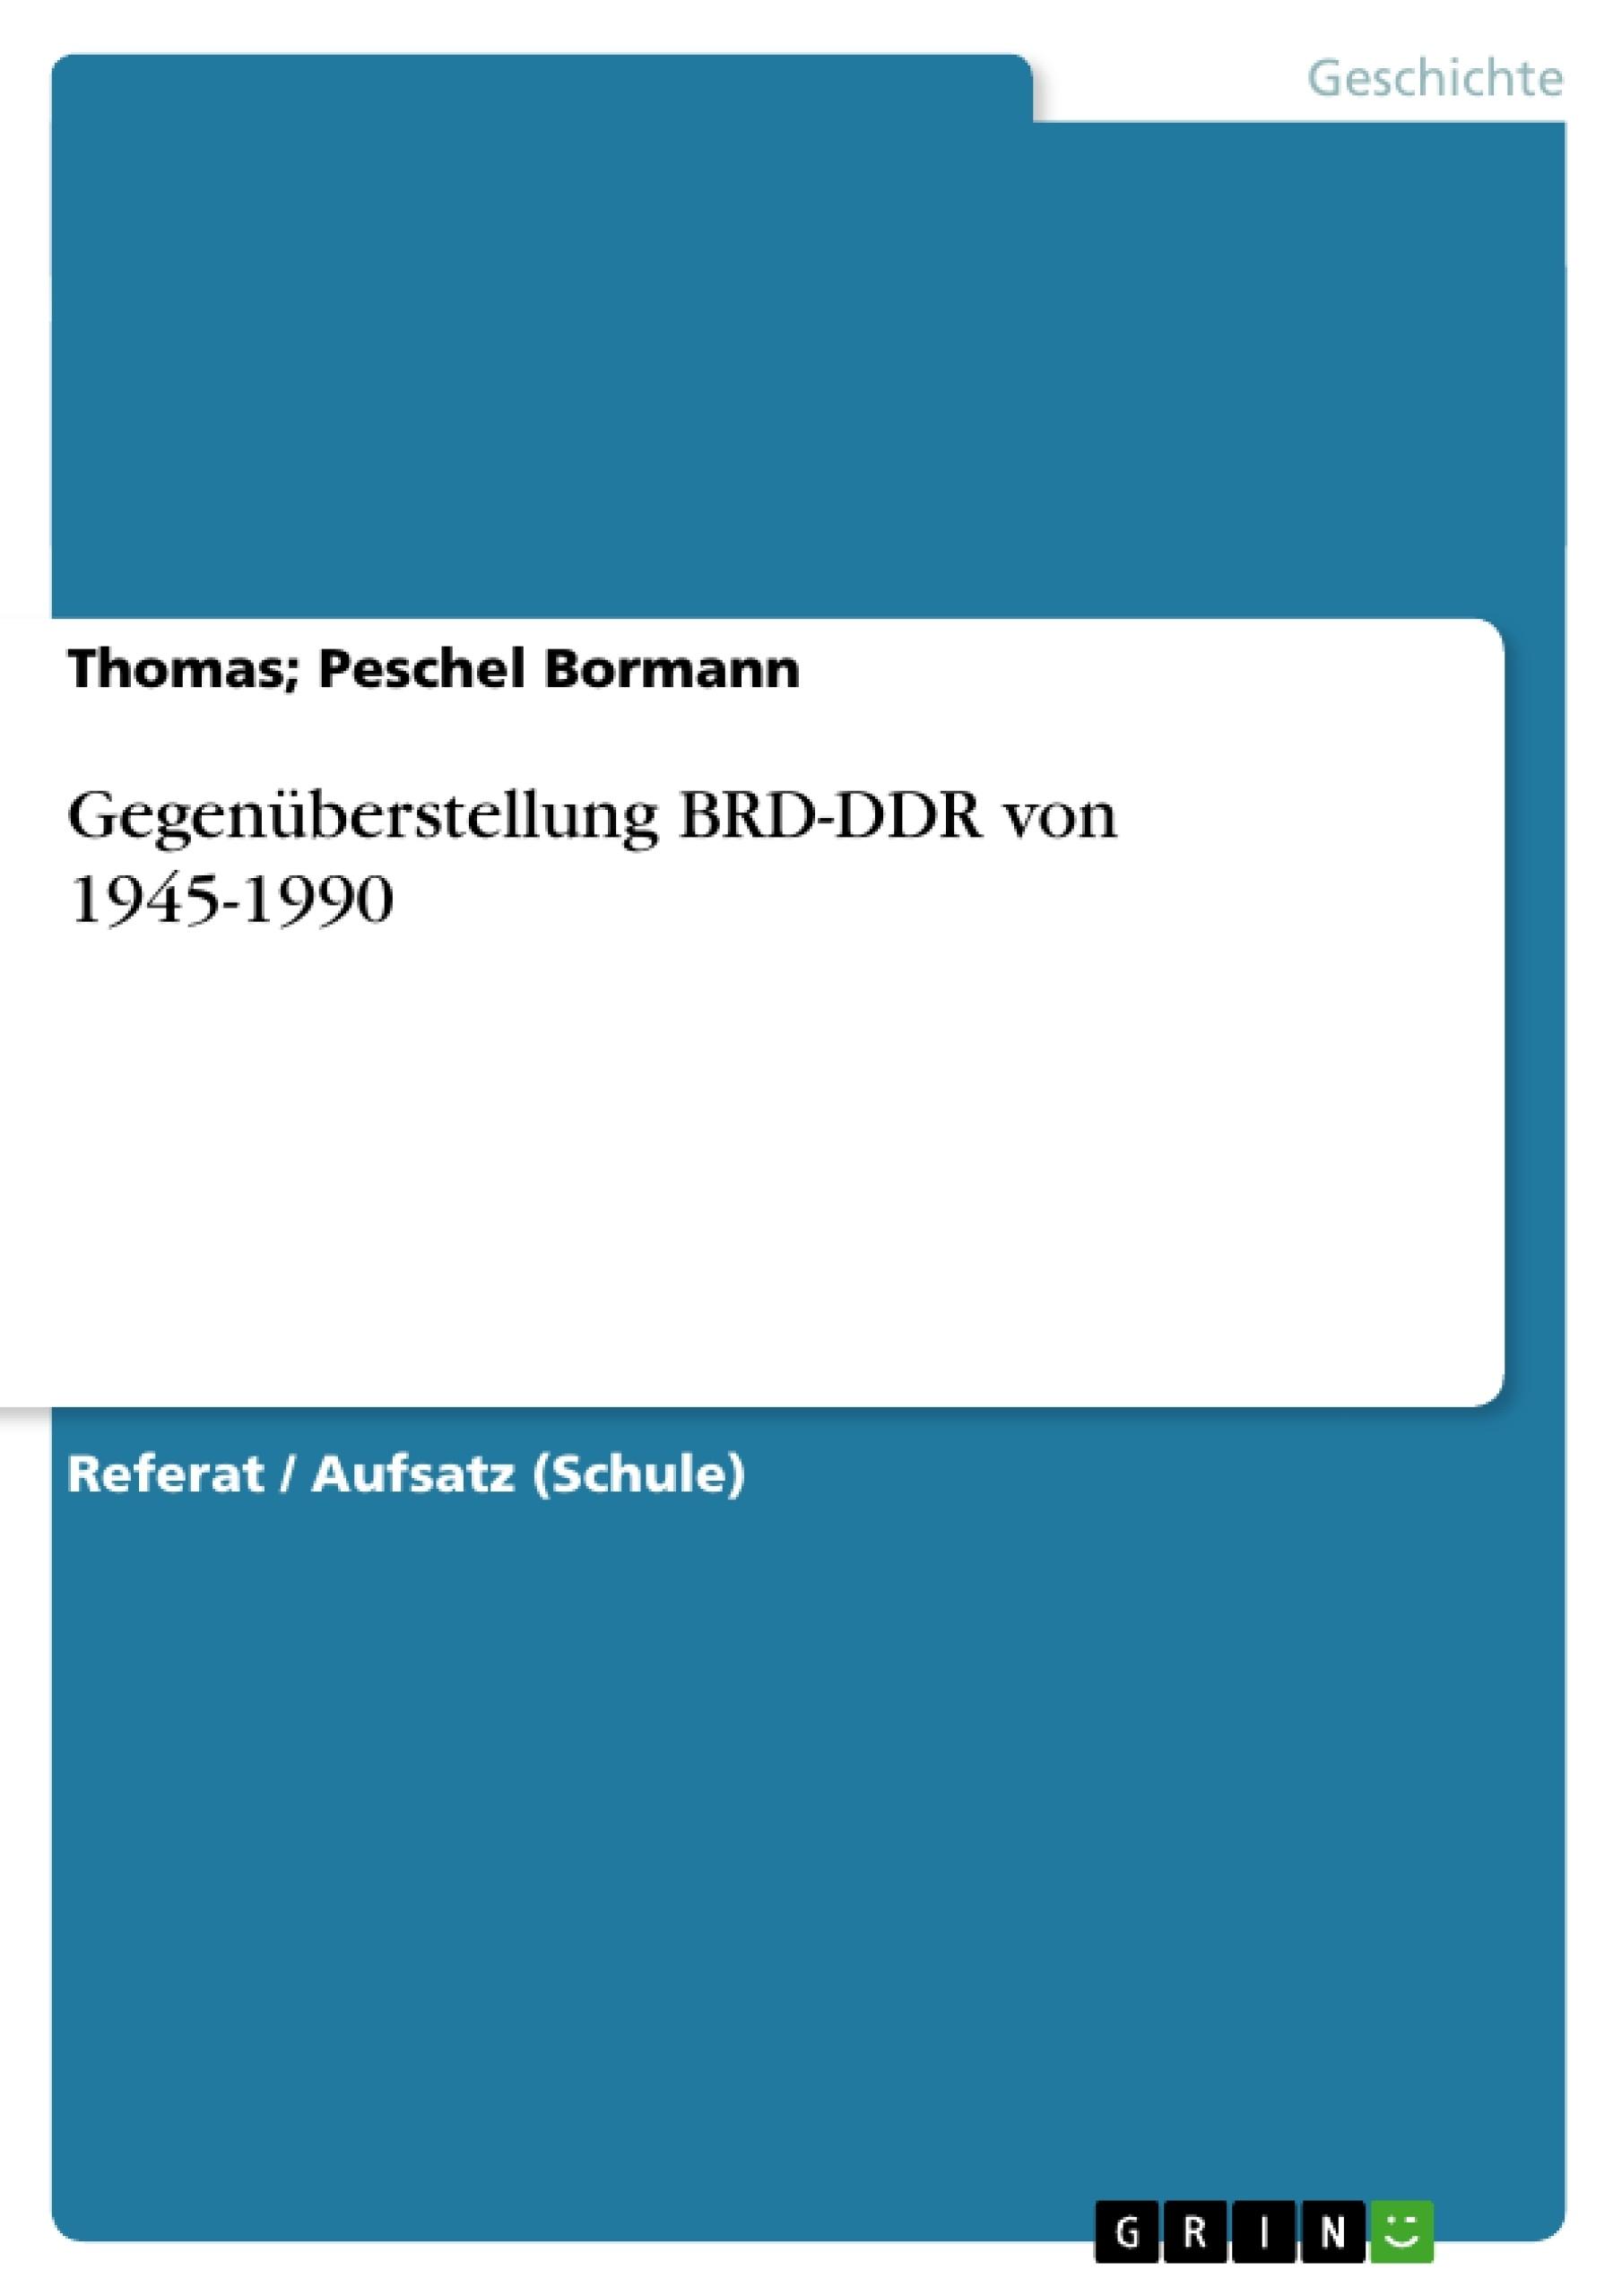 Titel: Gegenüberstellung BRD-DDR von 1945-1990